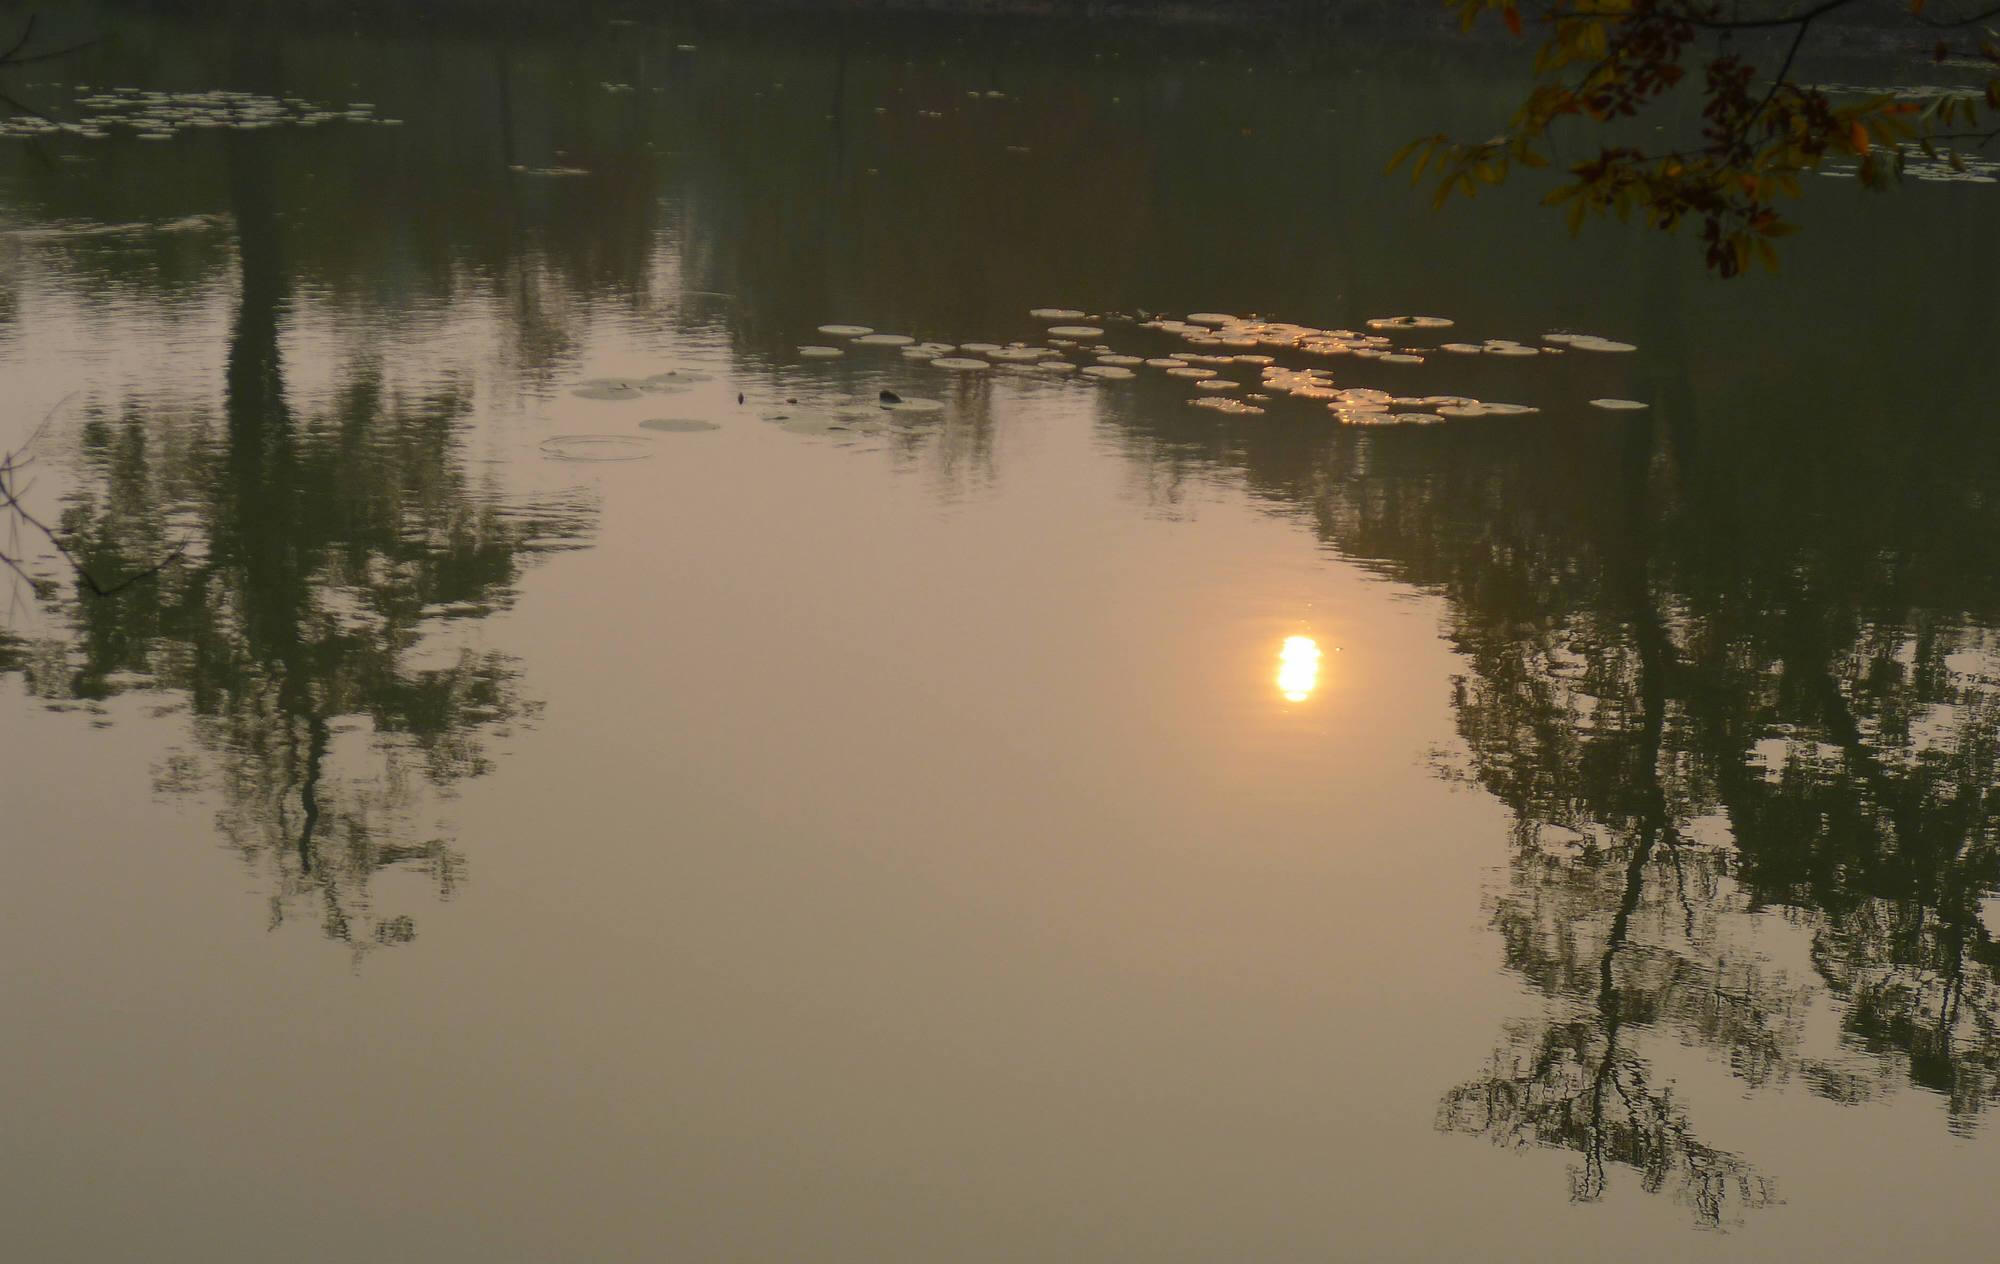 君子兰作品:落水夕阳给的光